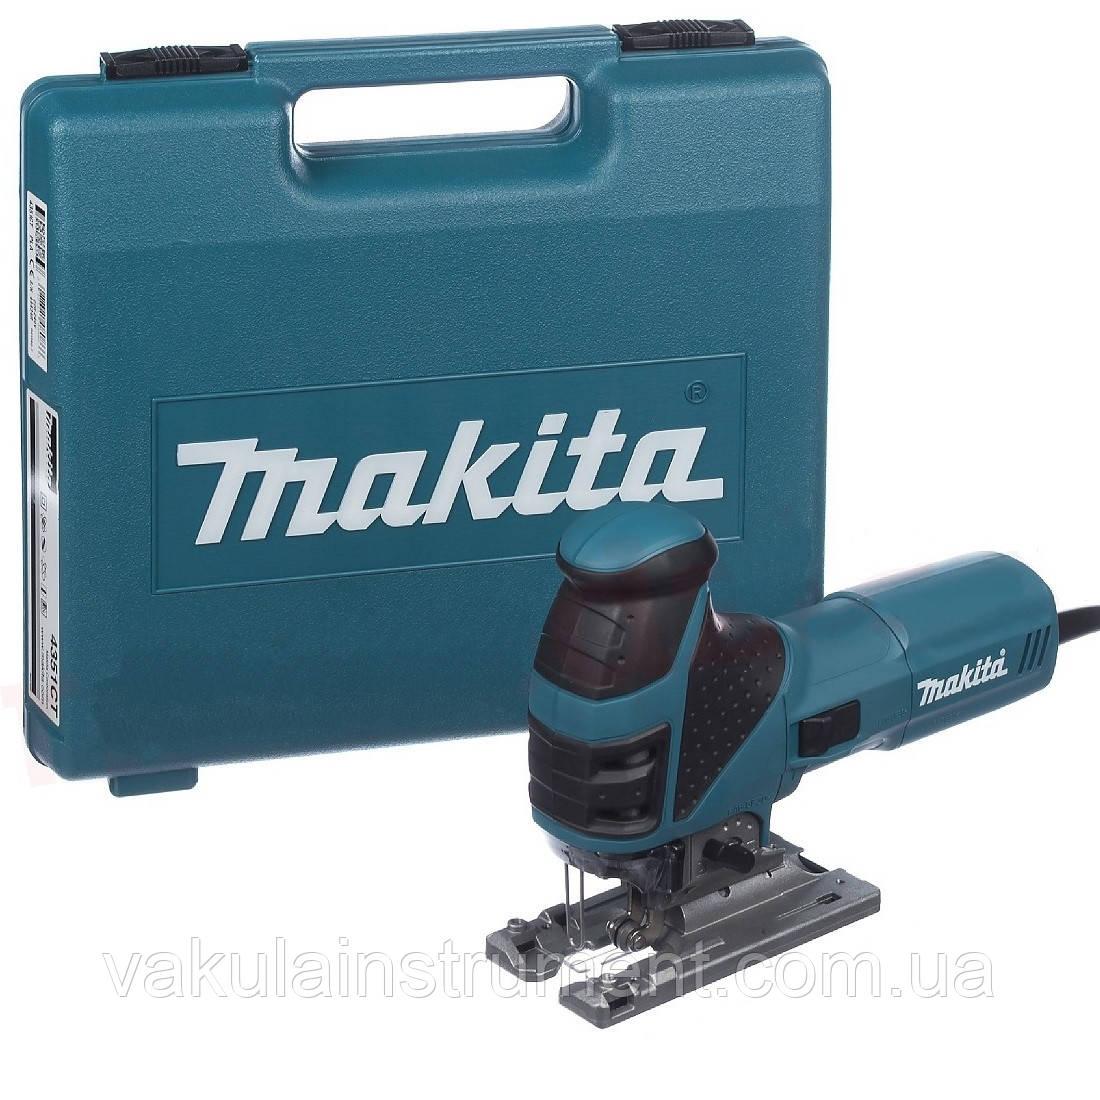 Лобзик з підсвічуванням Makita 4351 FCT